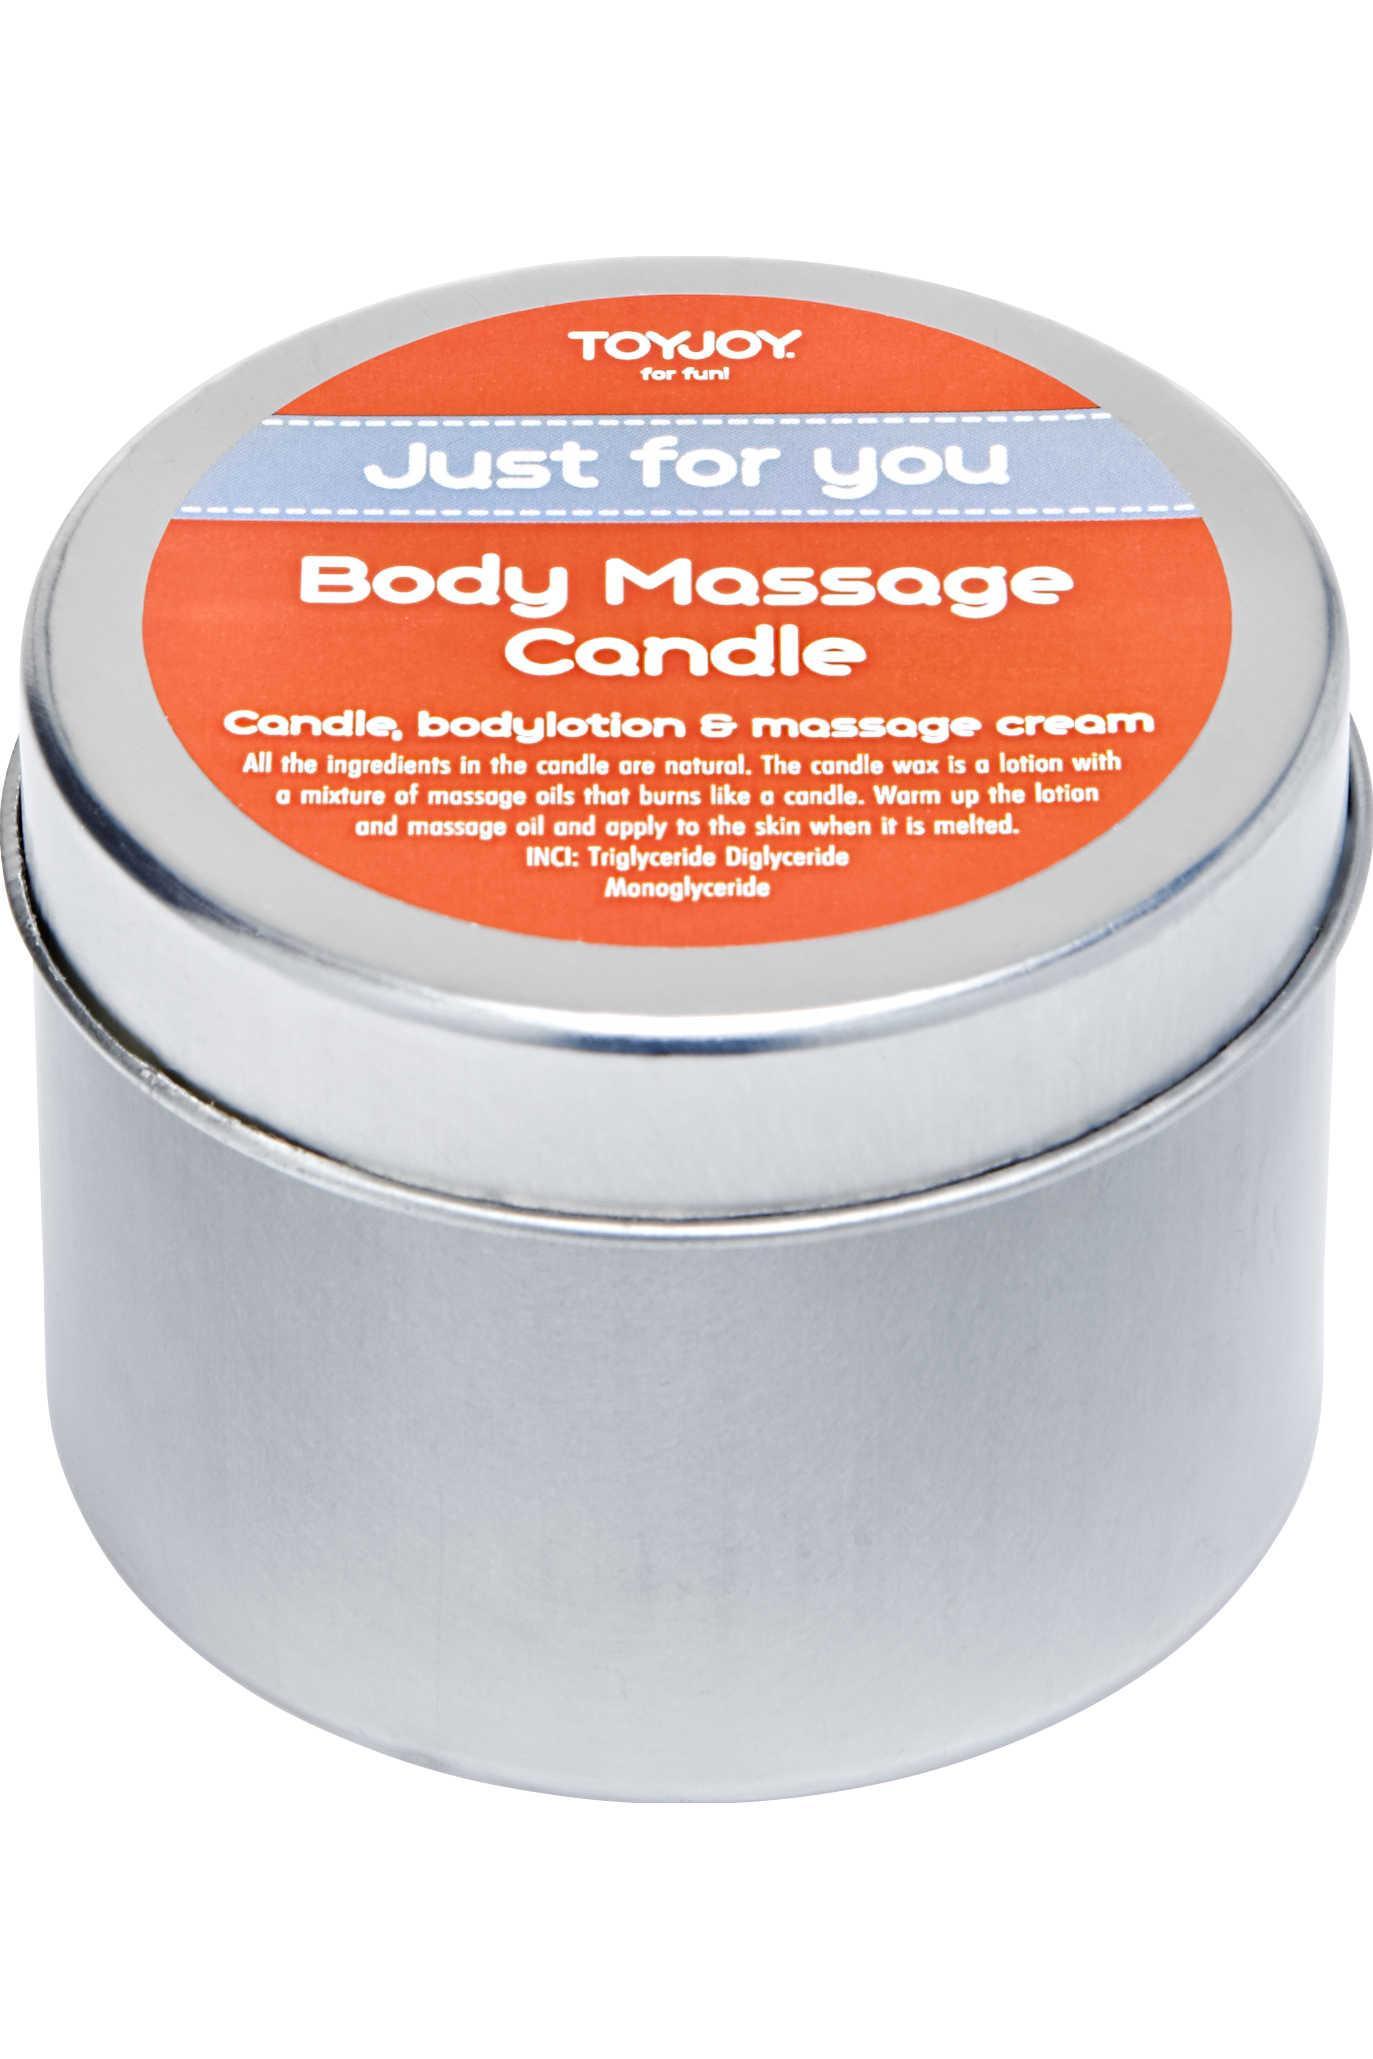 Bougie de massage Toyjoy 80ml + boite de 6 préservatifs gratuits